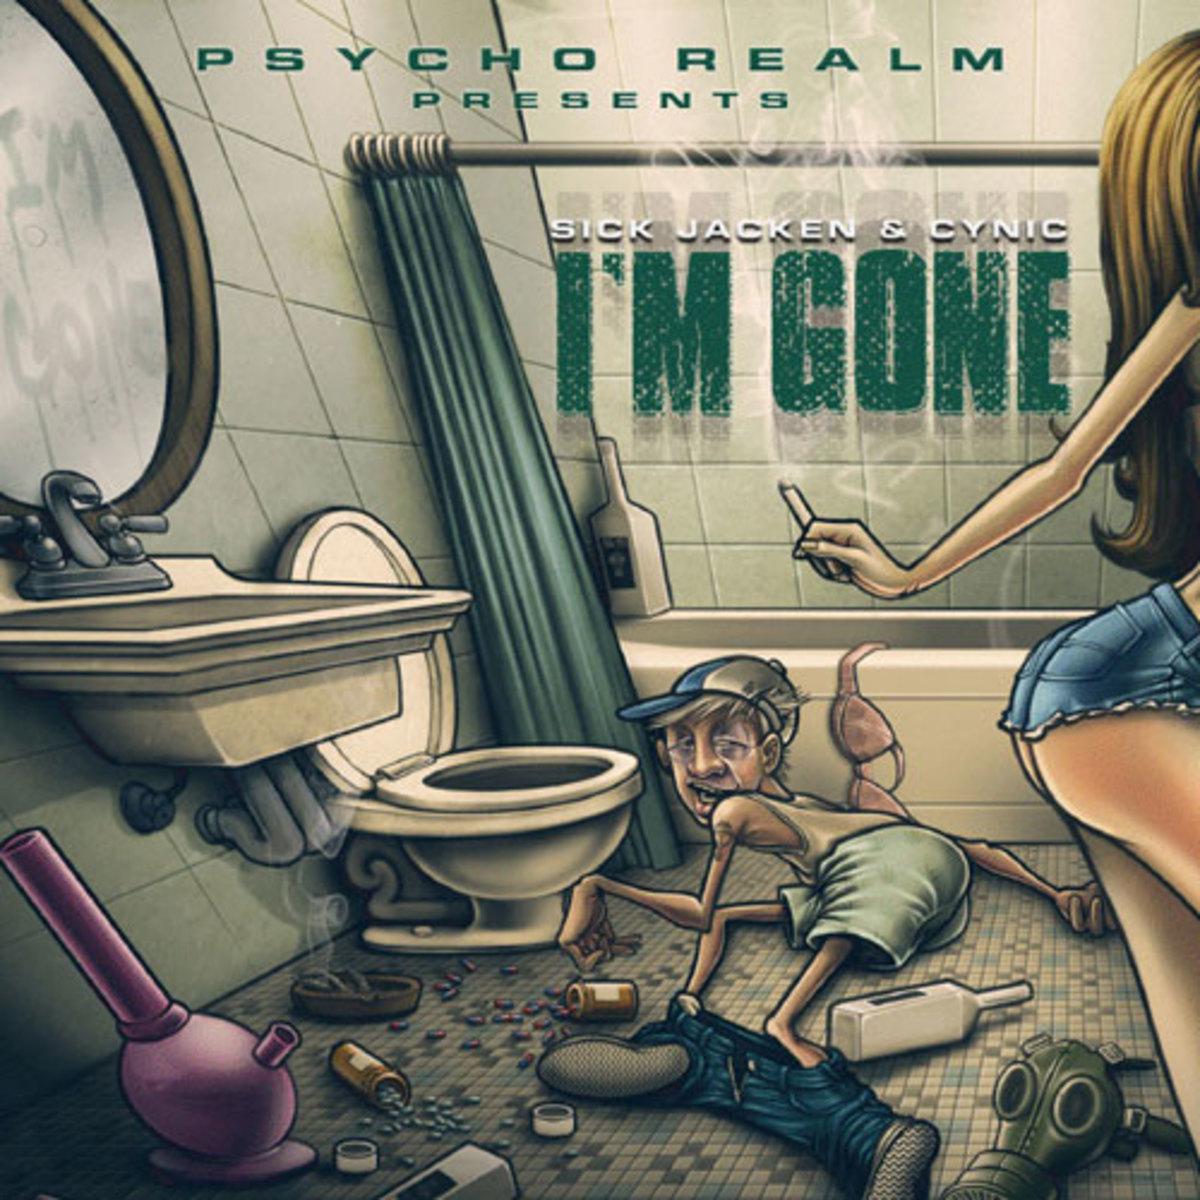 psychorealm-imgone.jpg